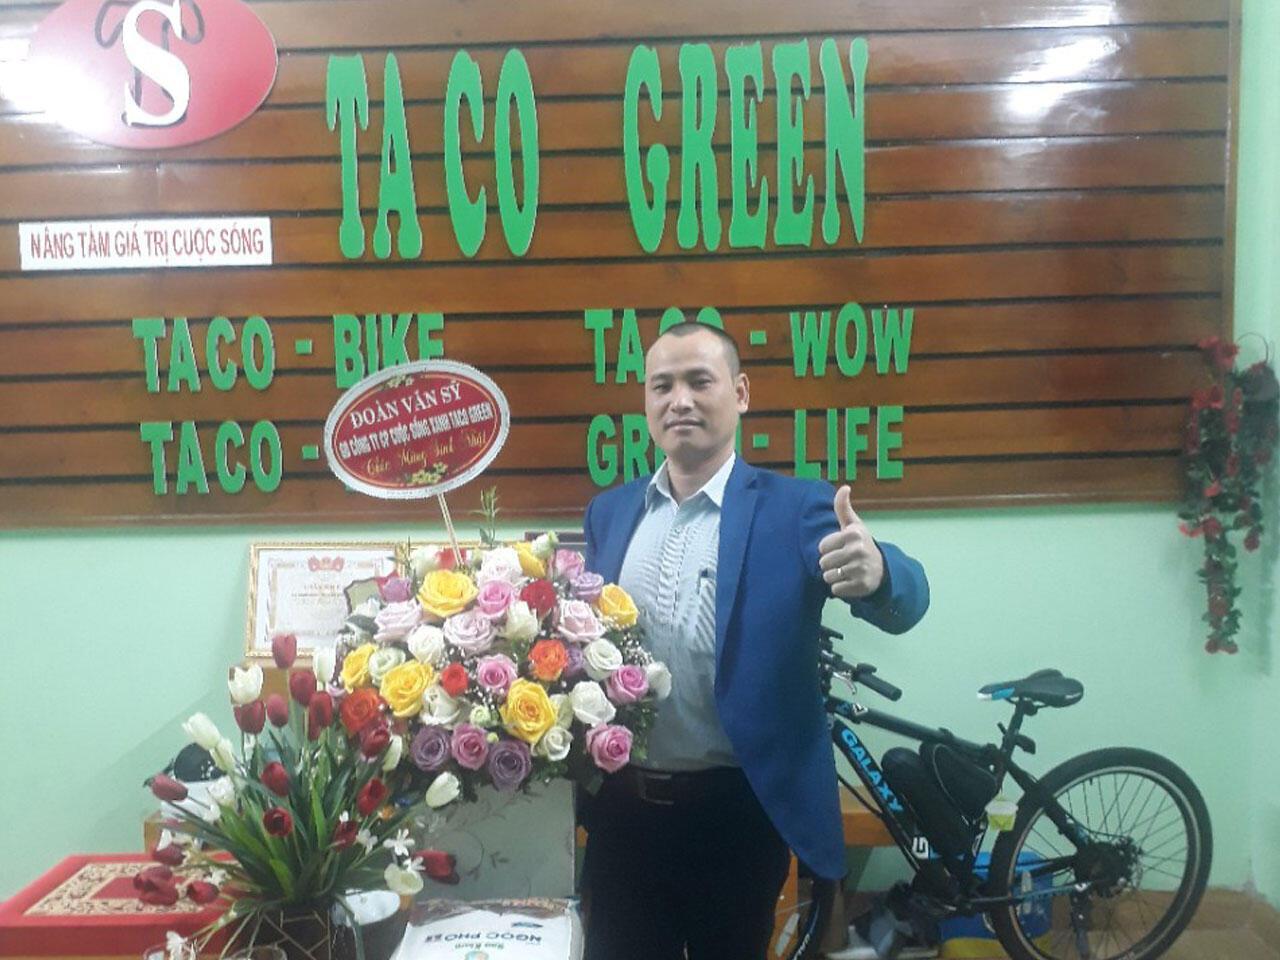 Công Ty Taco Green Hình 2